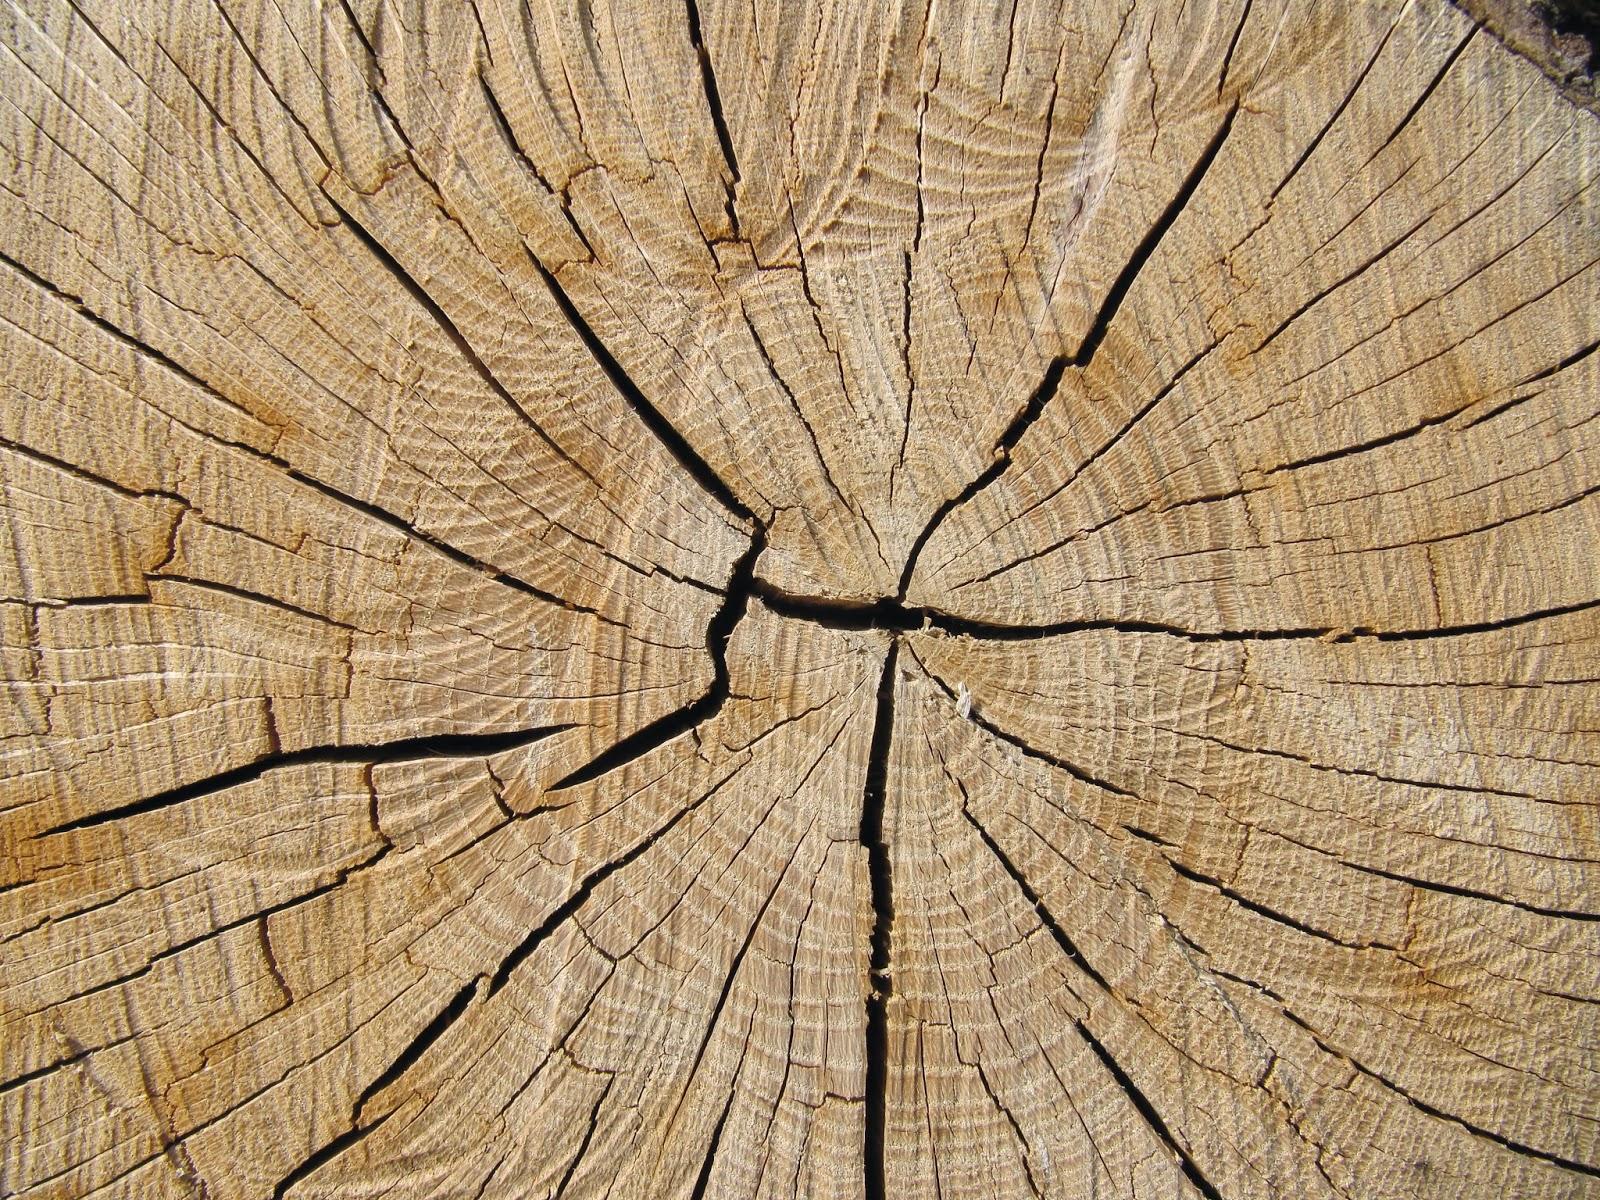 LE MAXIMUM: Stries du bois - Texture te fond d'écran gratuit